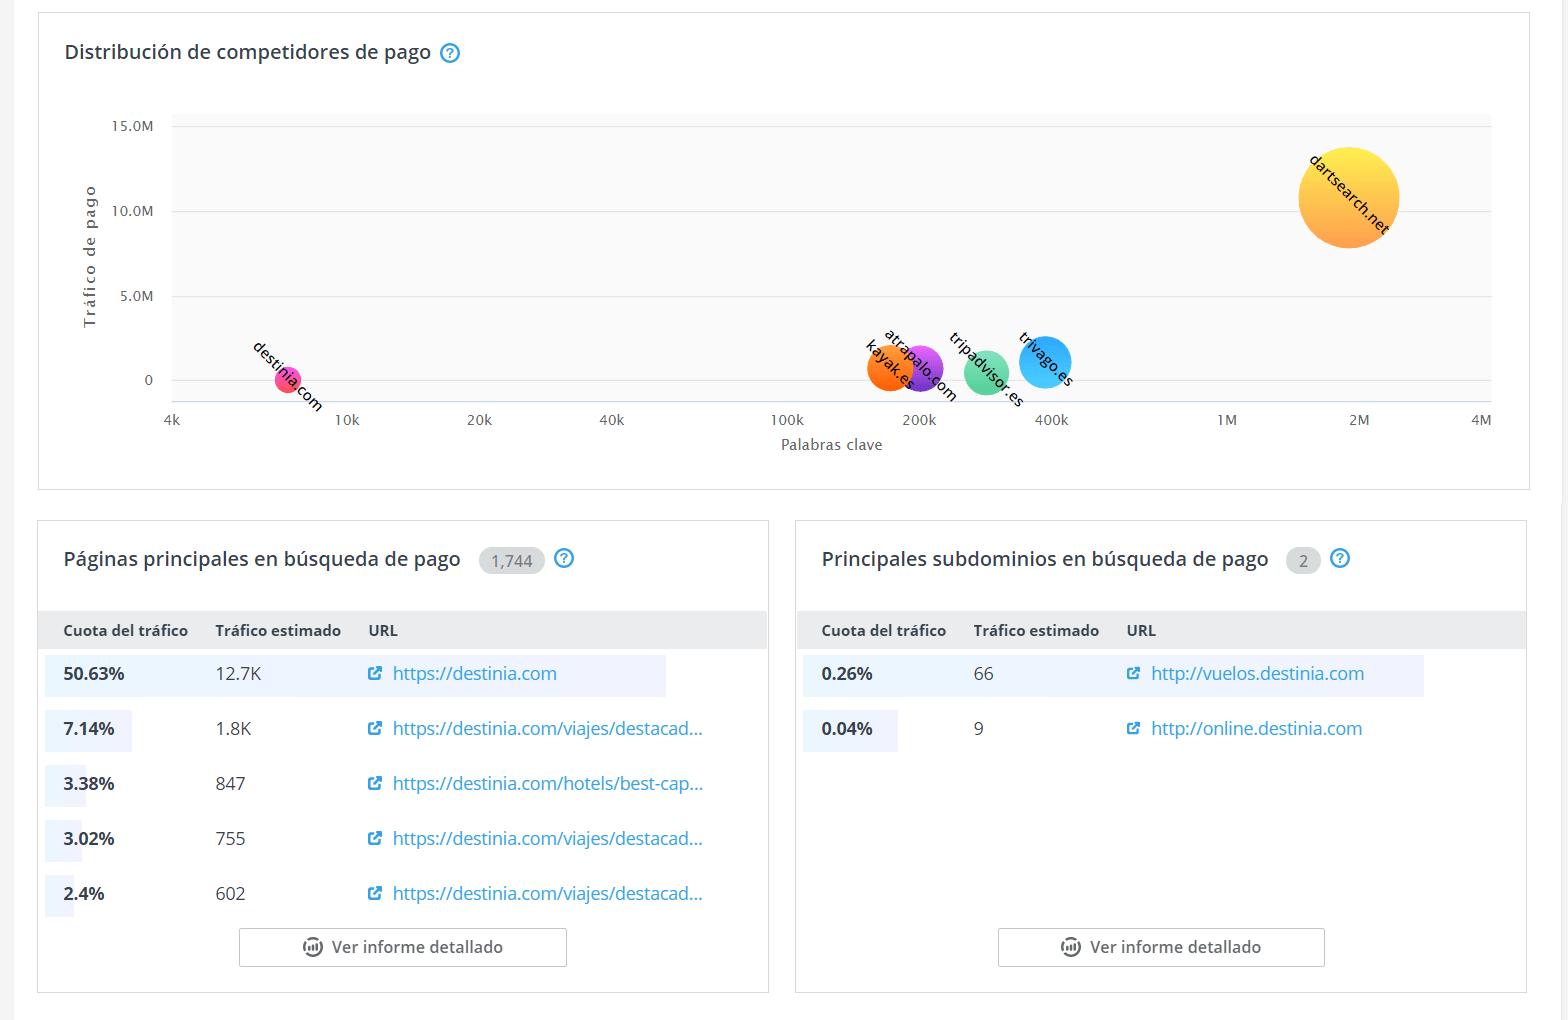 como puedo averiguar las palabras clave de una web pago grafico